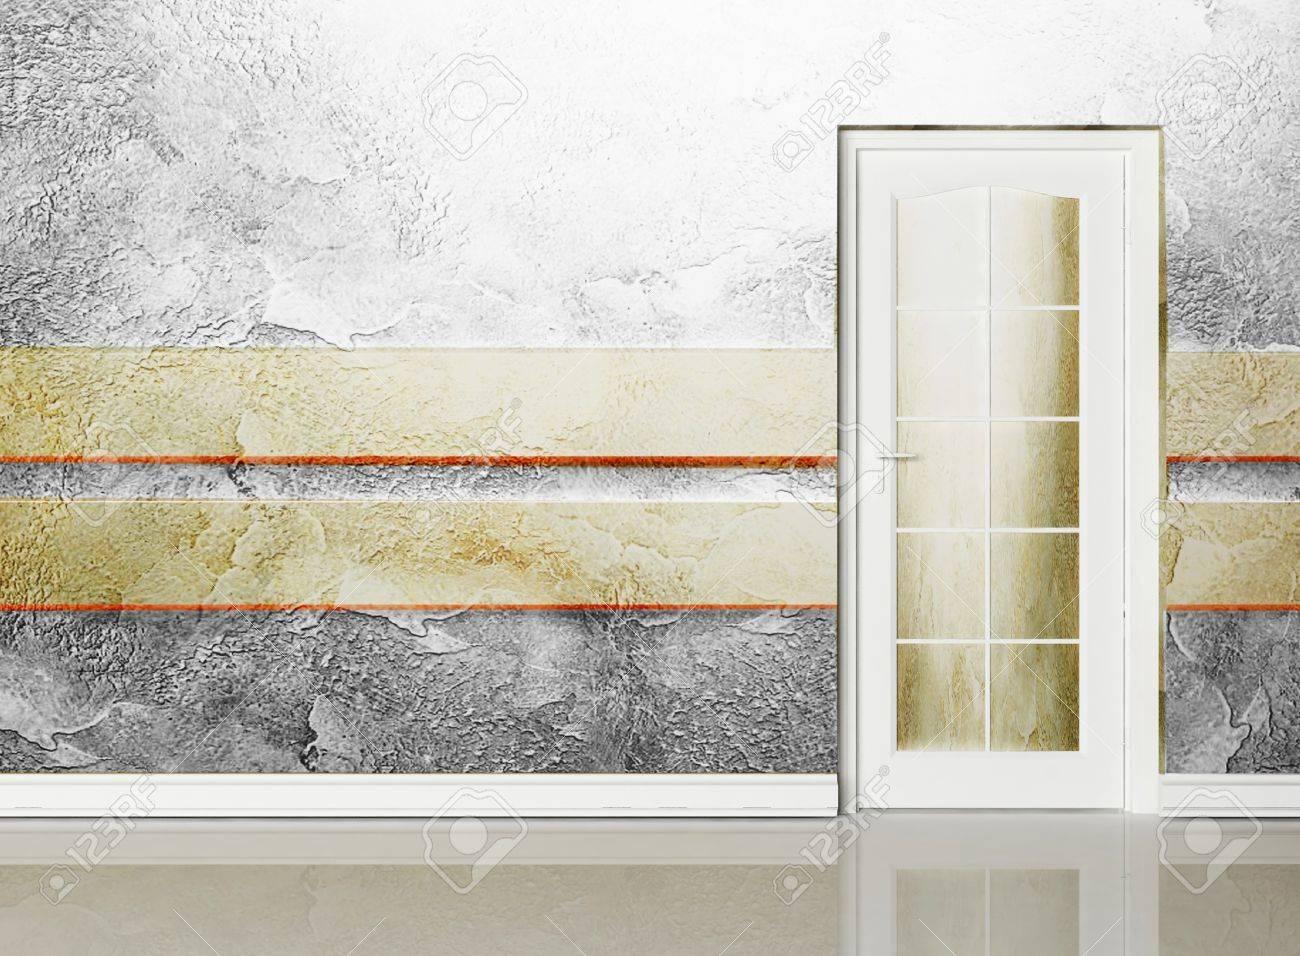 interior design-szene mit einer tür in die kreative wandgestaltung